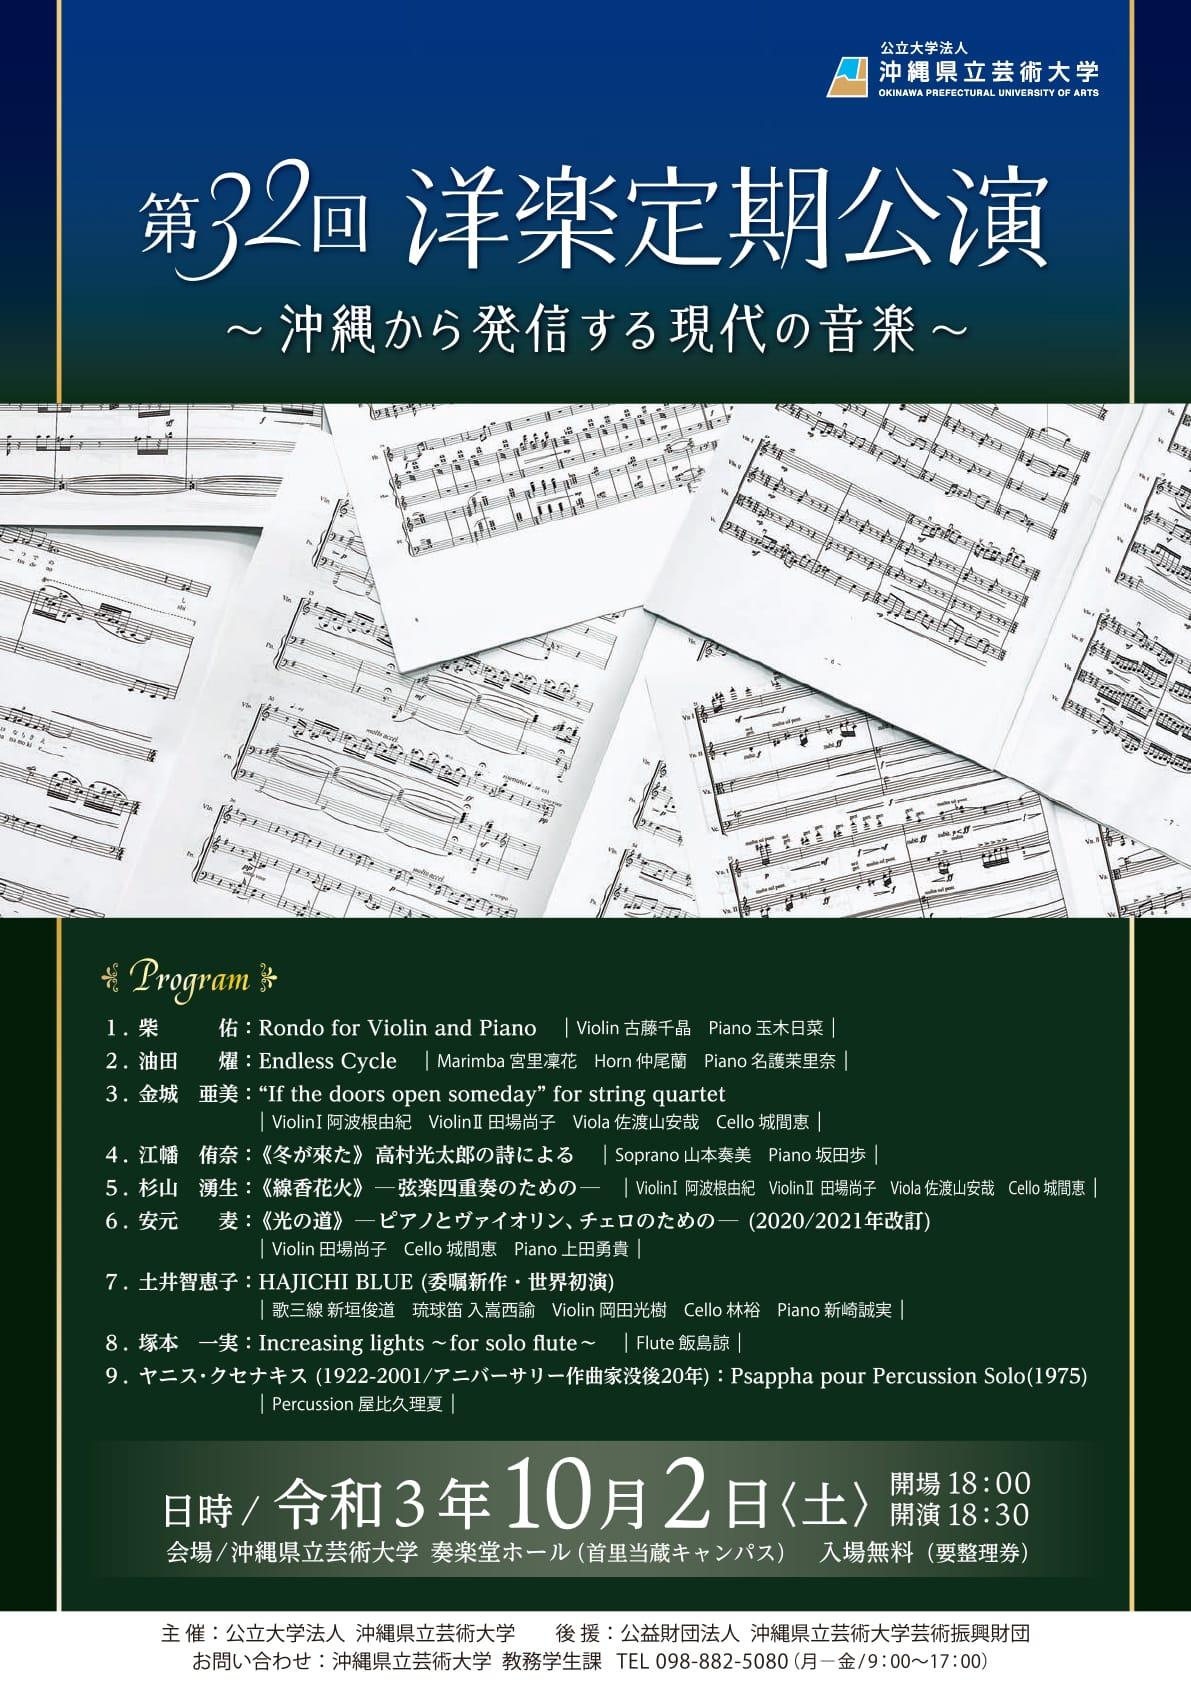 [フライヤー]第32回洋楽定期公演